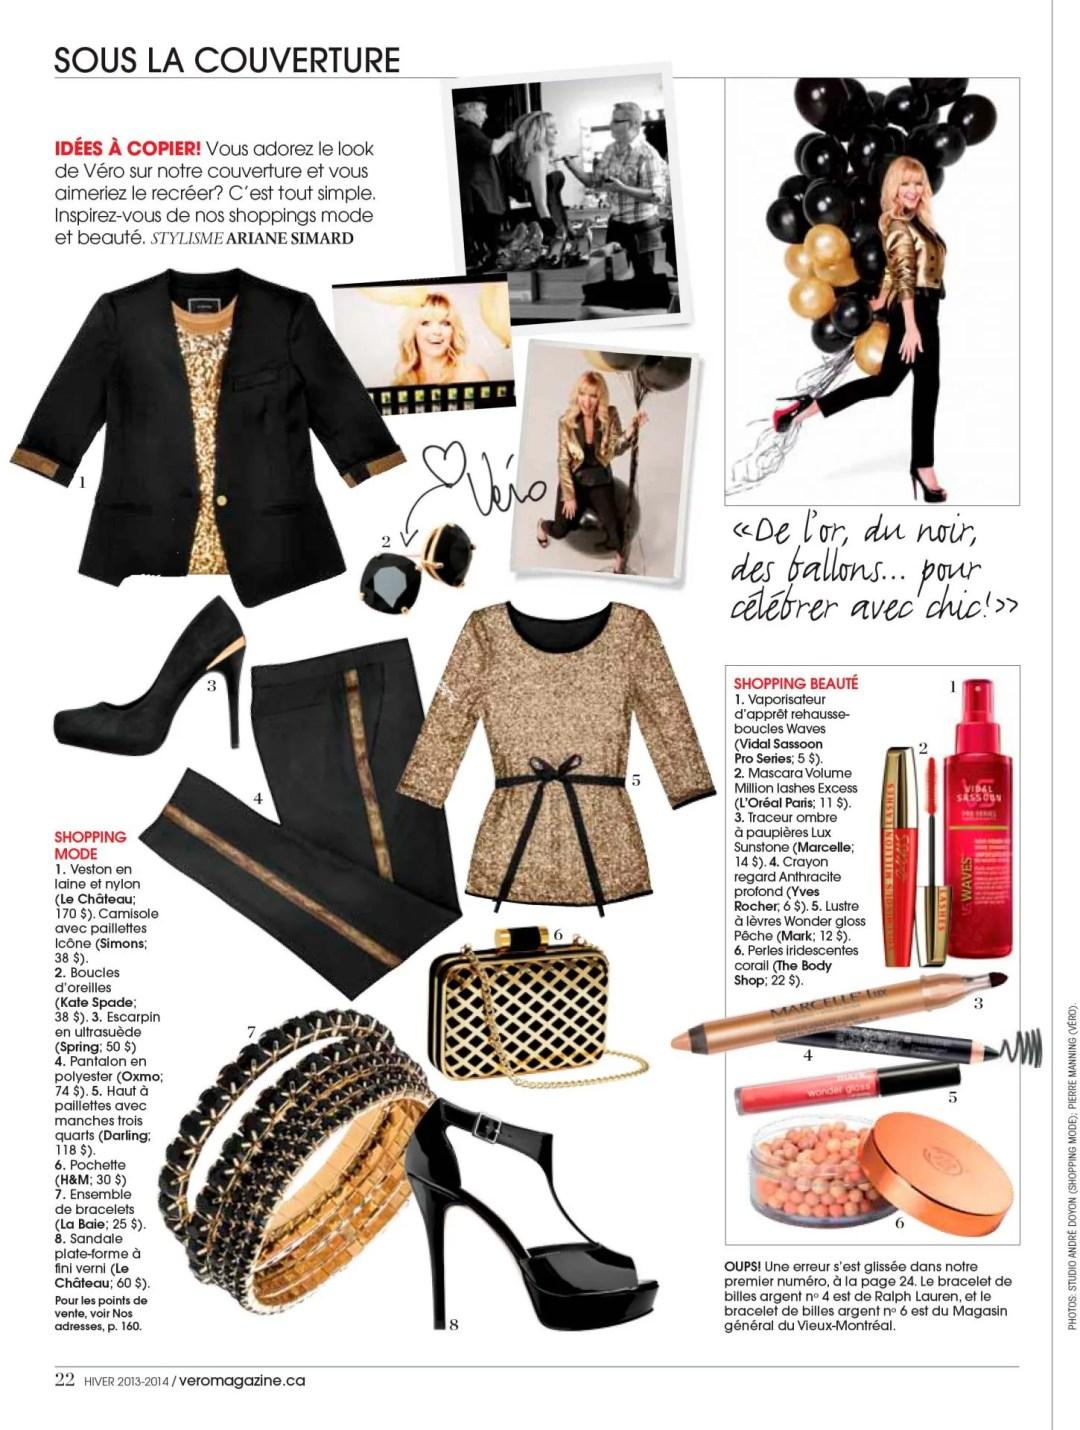 Sous Couverture Magazine Vero Hiver 2013-2014